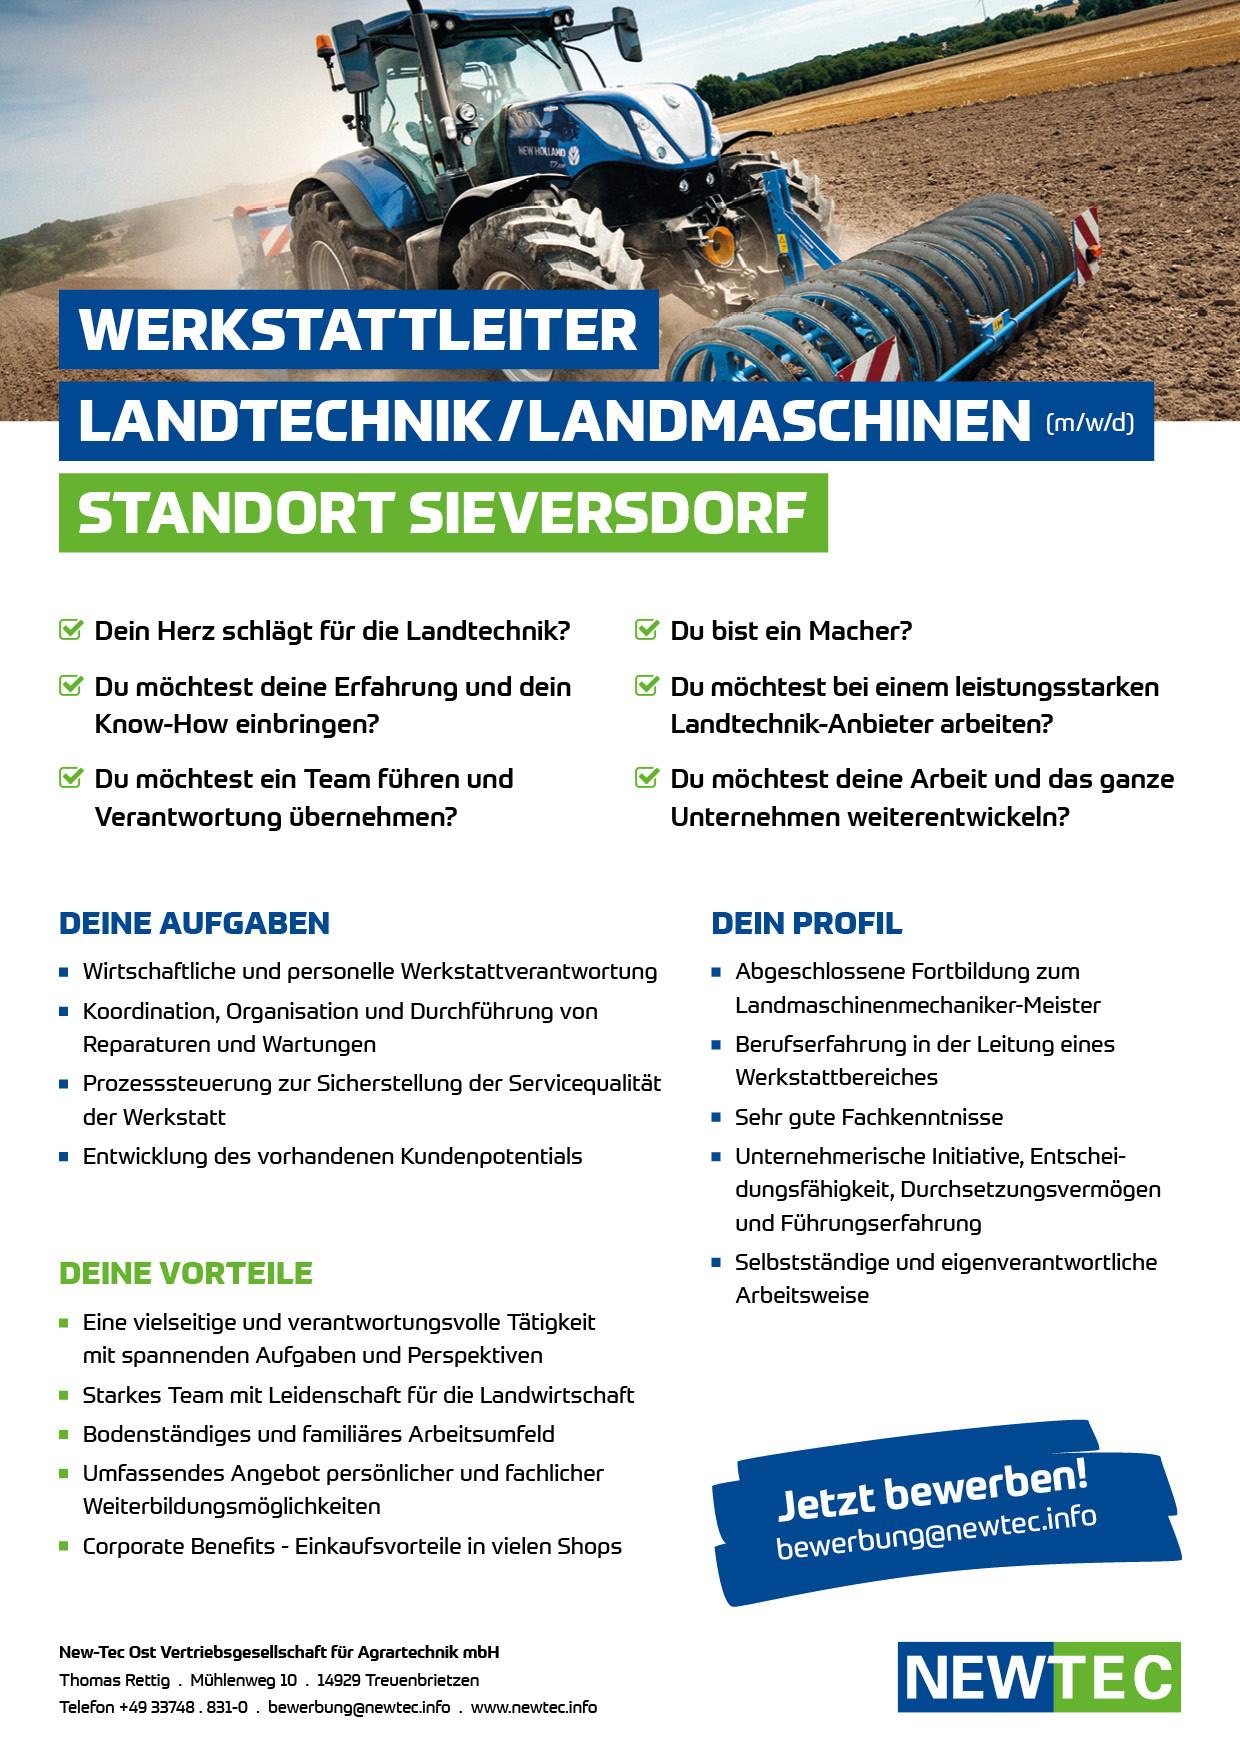 NEWTEC_Stellenanzeige_Werkstattleiter_Landtechnik_Landmaschinen_Sieversdorf